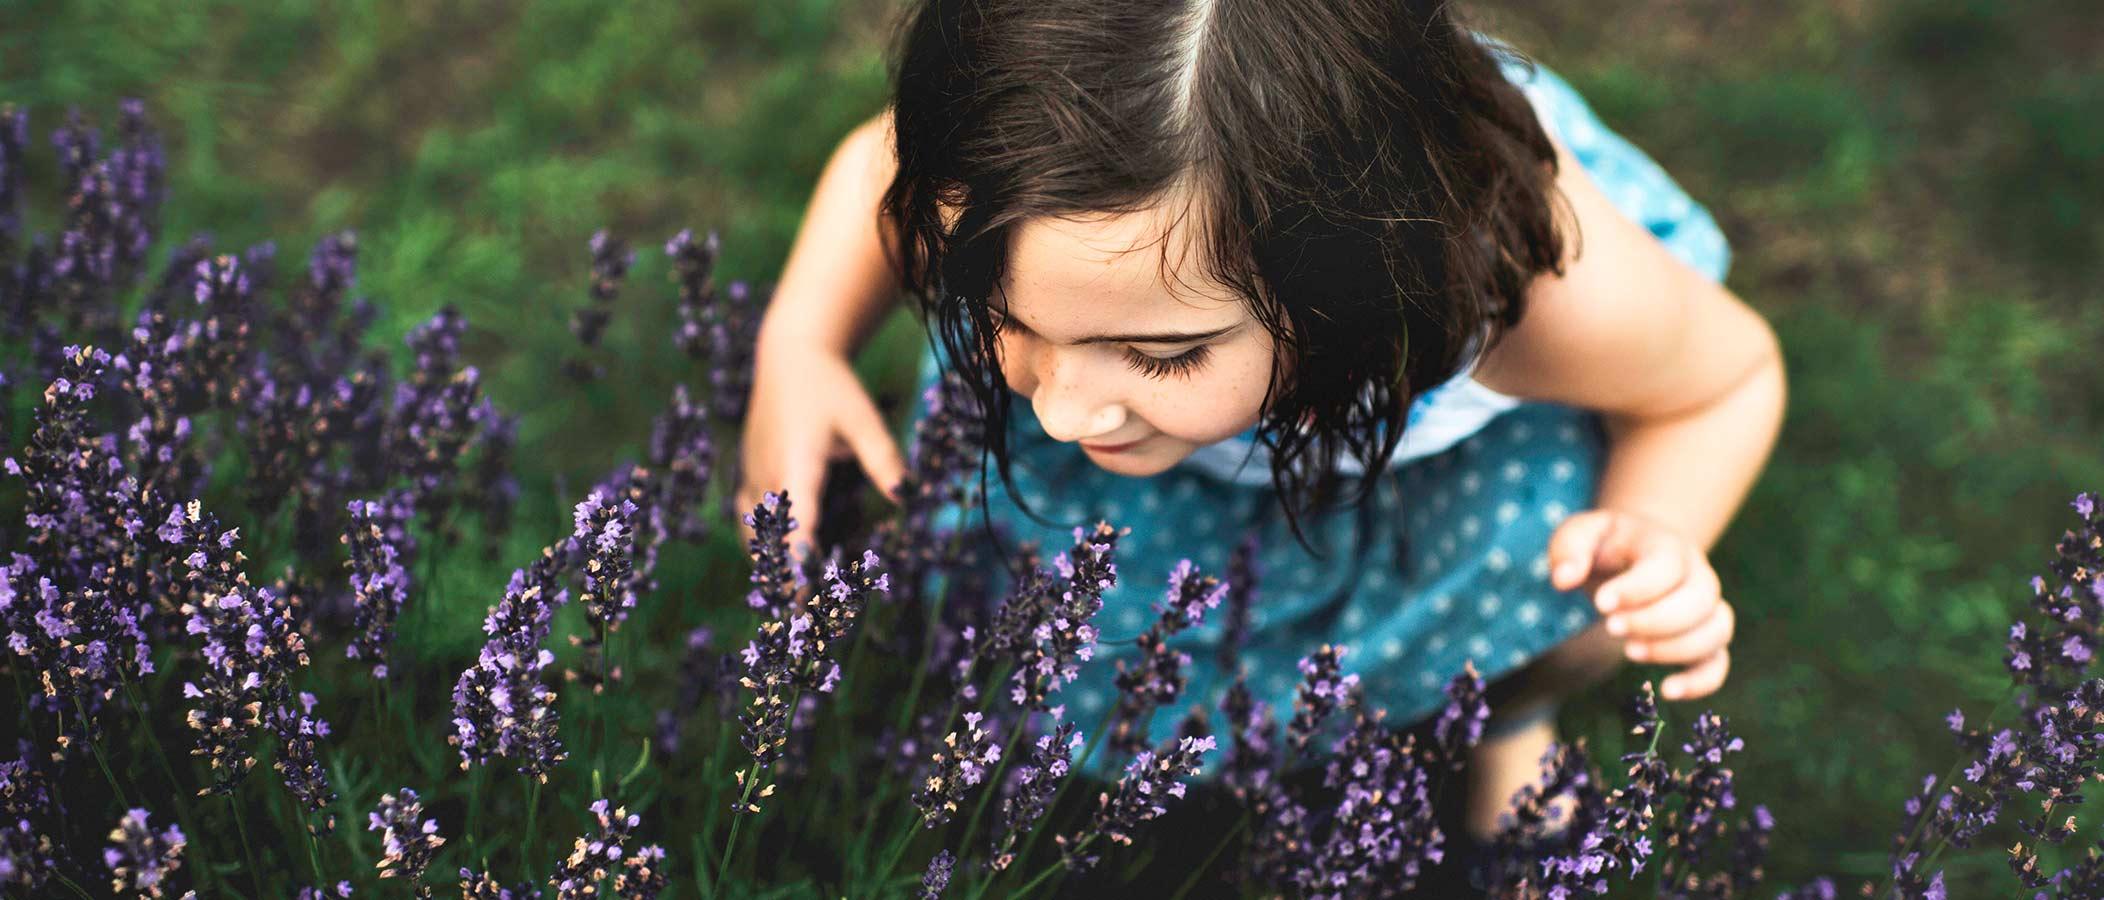 nina oliendo flores de lavanda